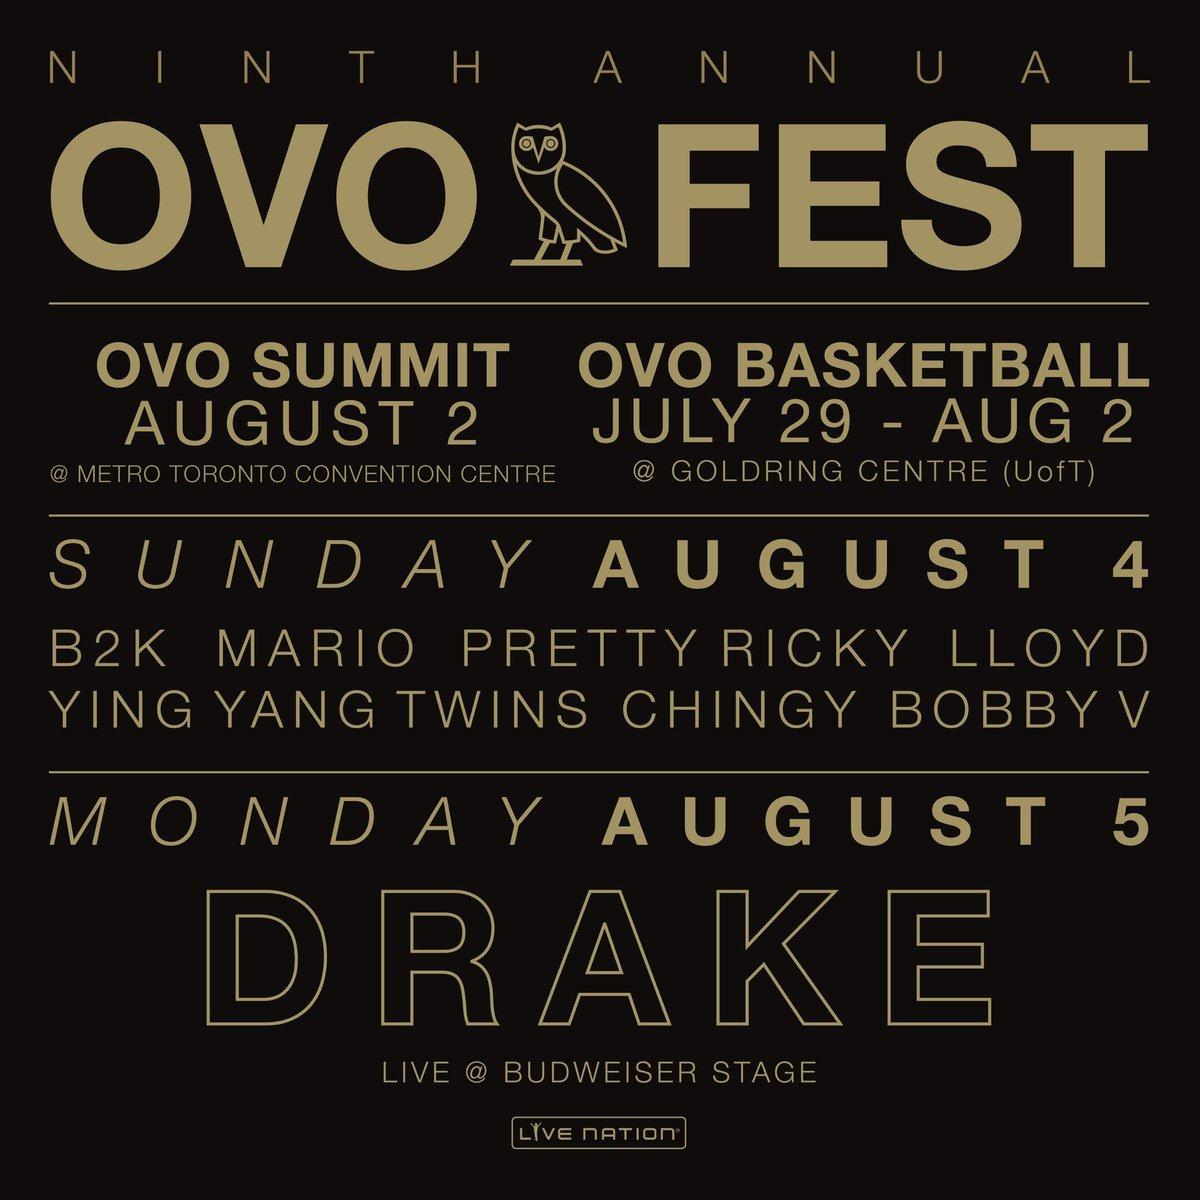 Ovo Fest 2019 Lineup - HD Wallpaper